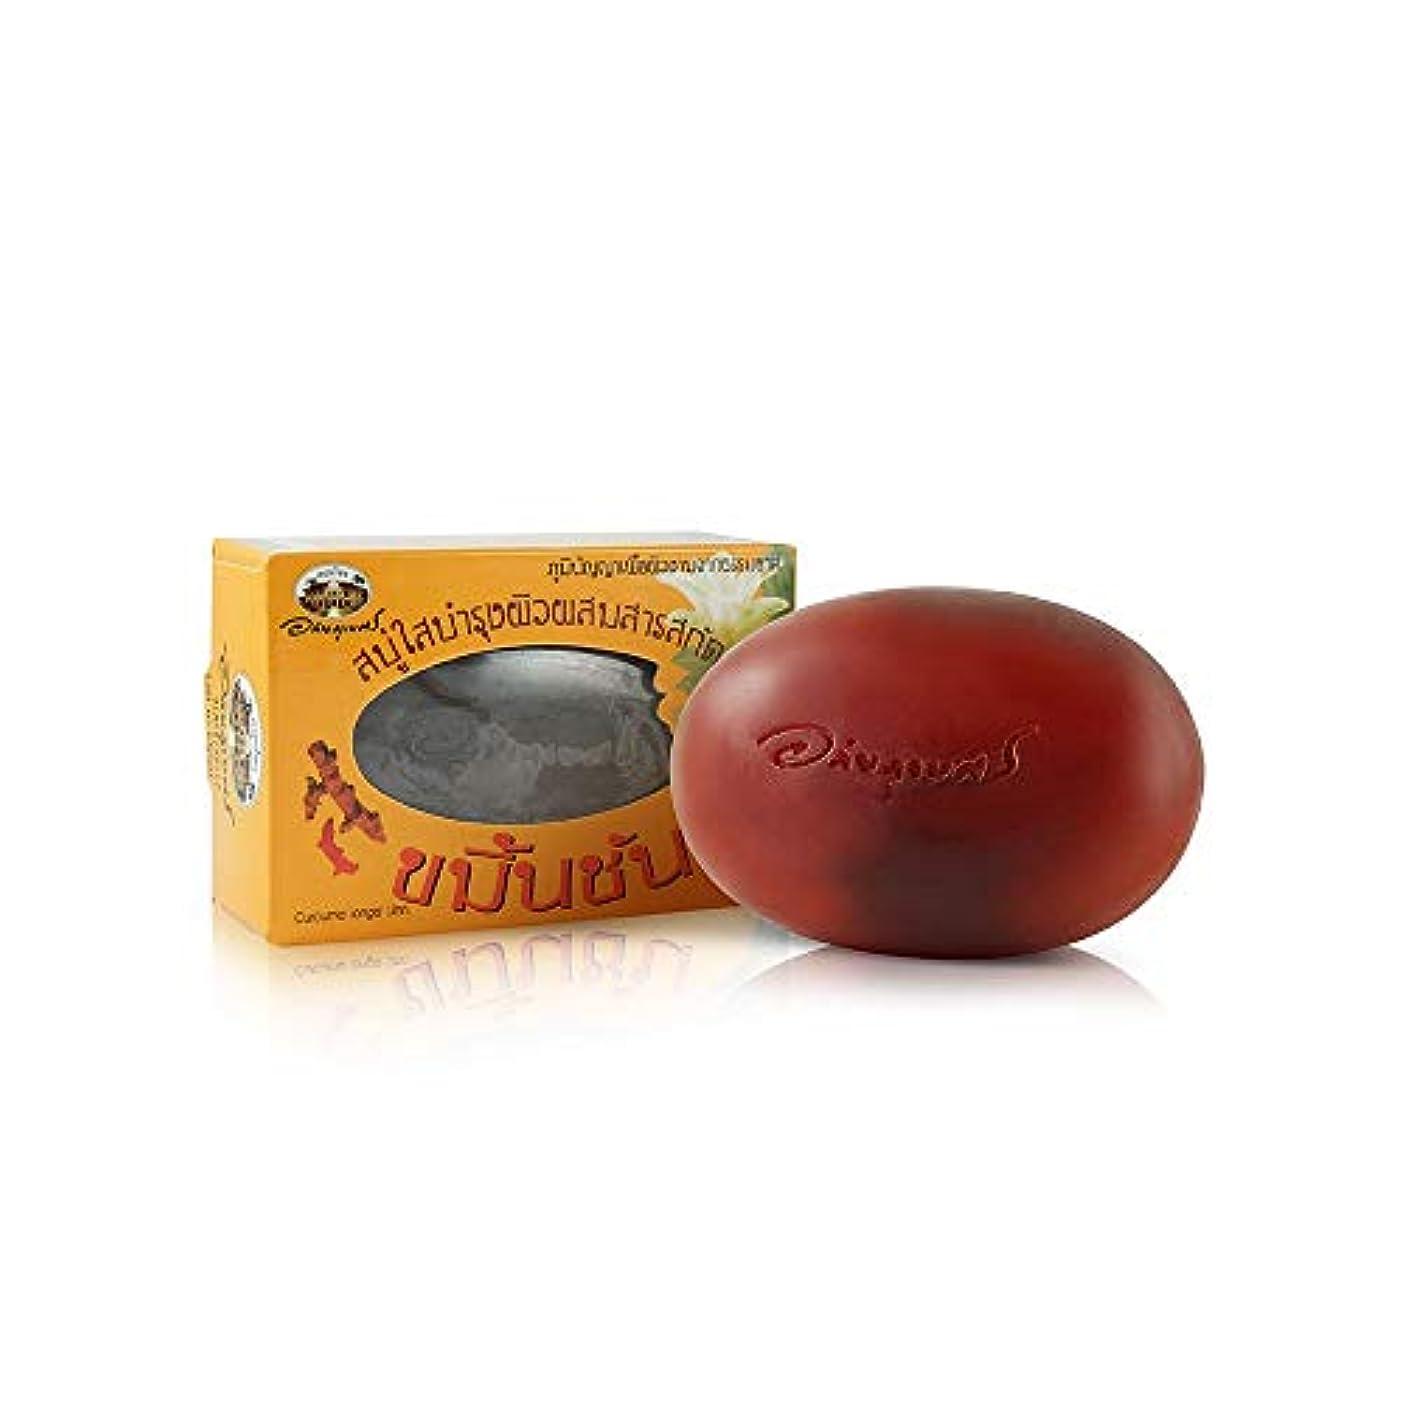 影響を受けやすいです栄光描写Abhaibhubejhr Turmeric Vitamin E Herbal Body Cleansing Soap 100g. Abhaibhubejhrターメリックハーブボディクレンジングソープ100グラム。